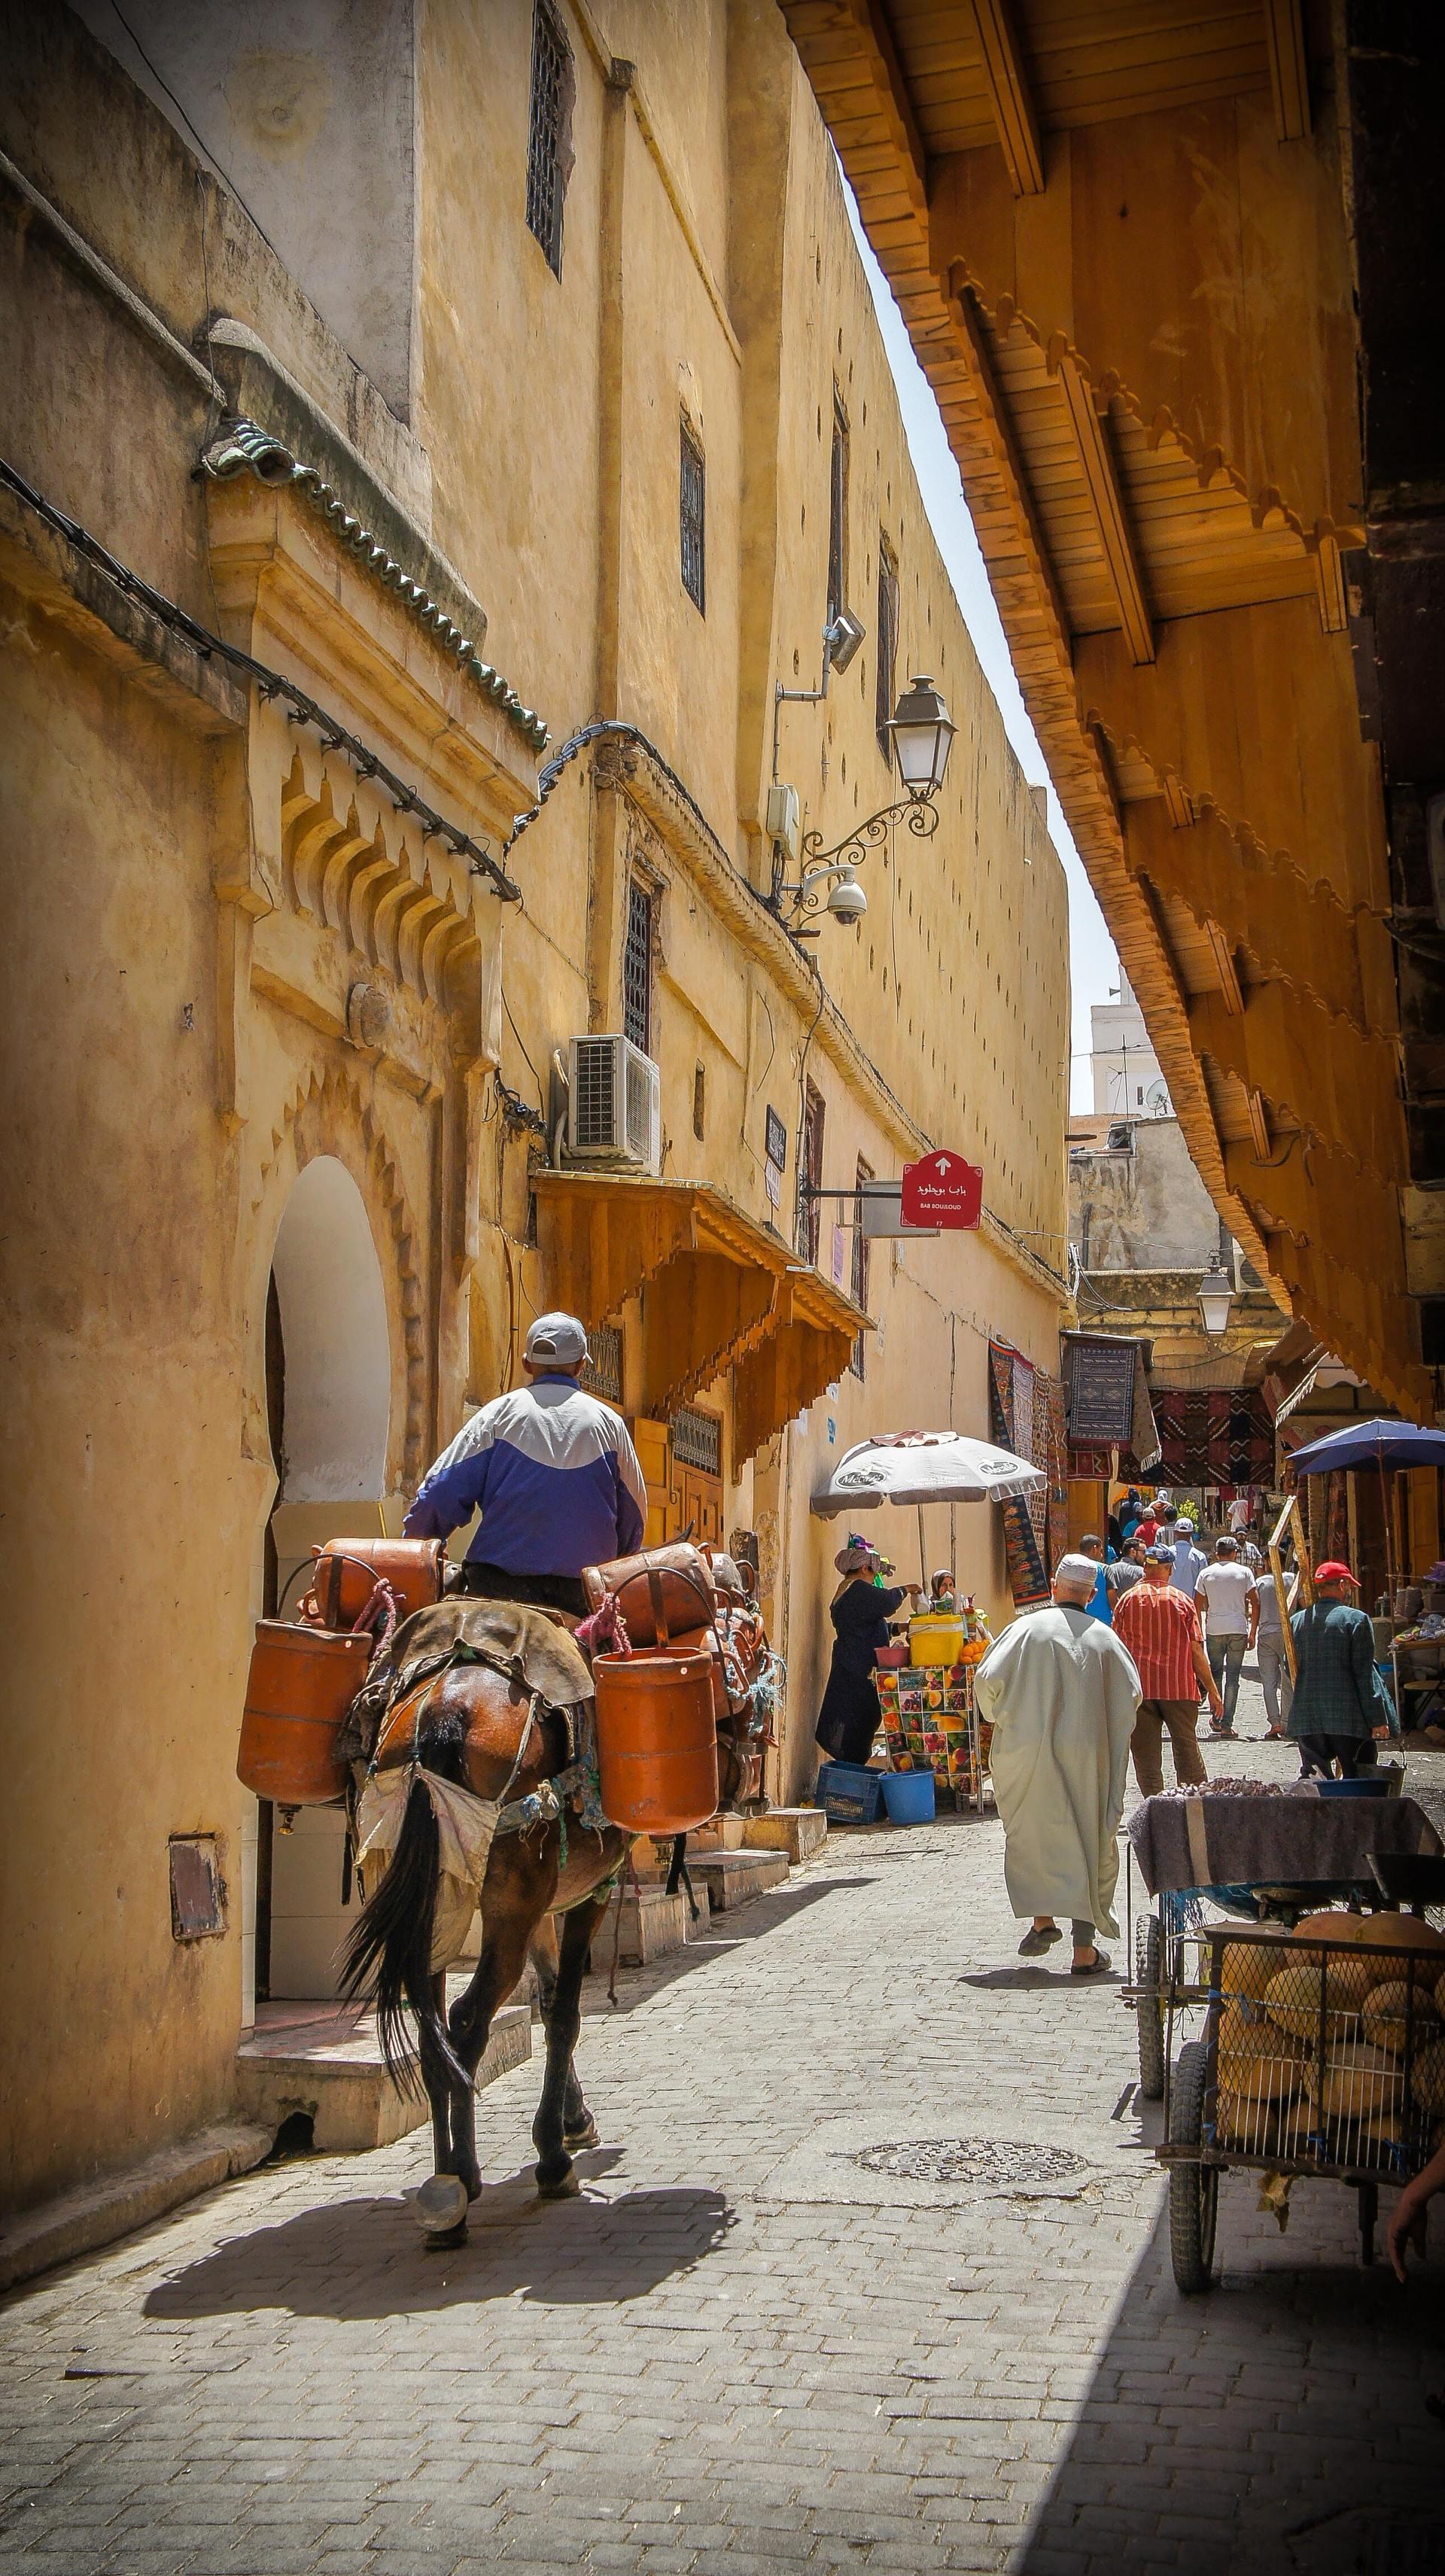 Straten in Fes, Marokko